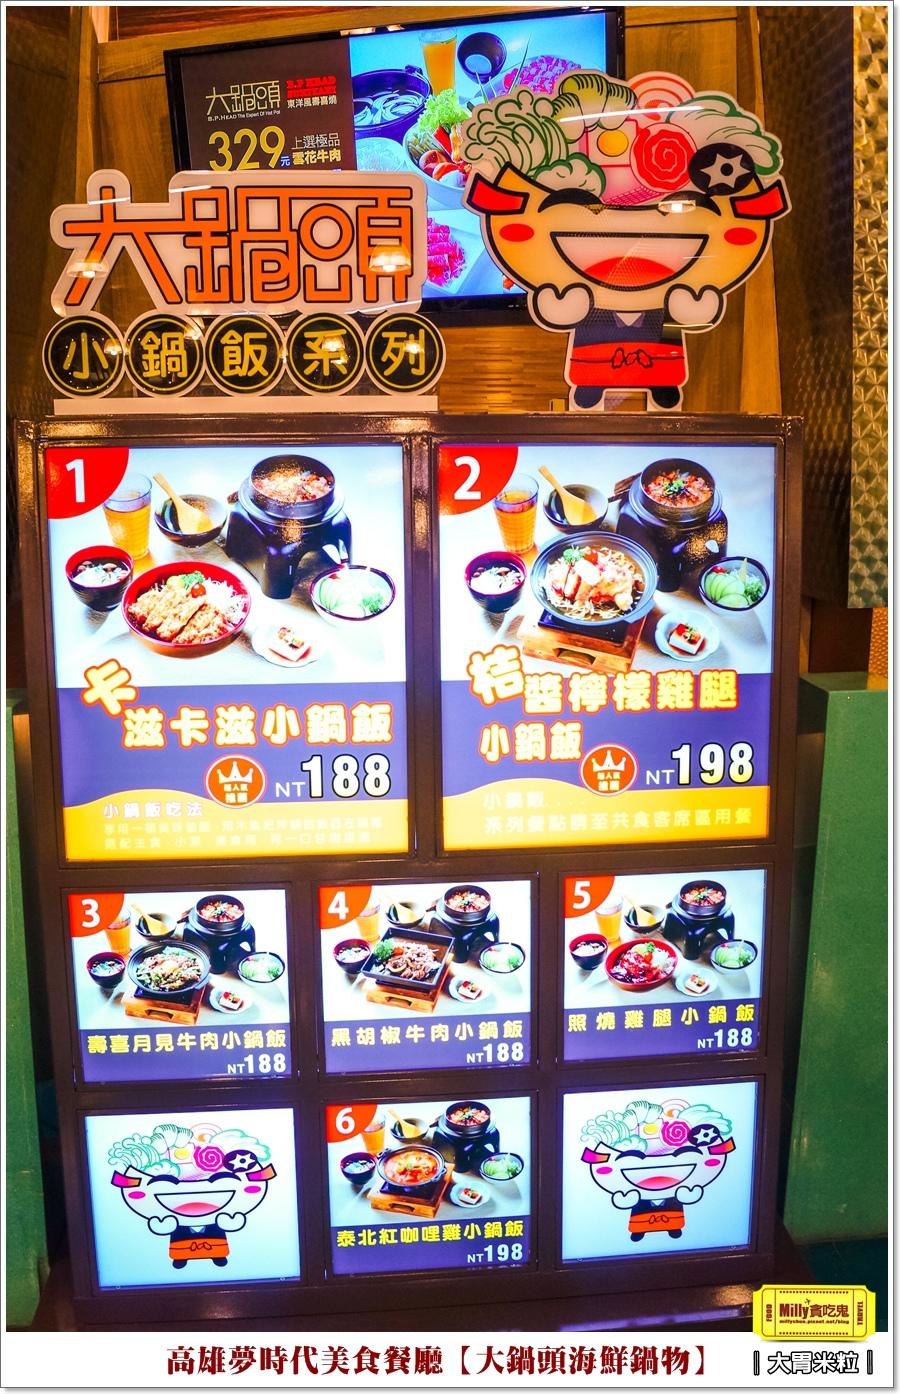 大鍋頭海鮮鍋物X高雄夢時代餐廳推薦 (52).jpg